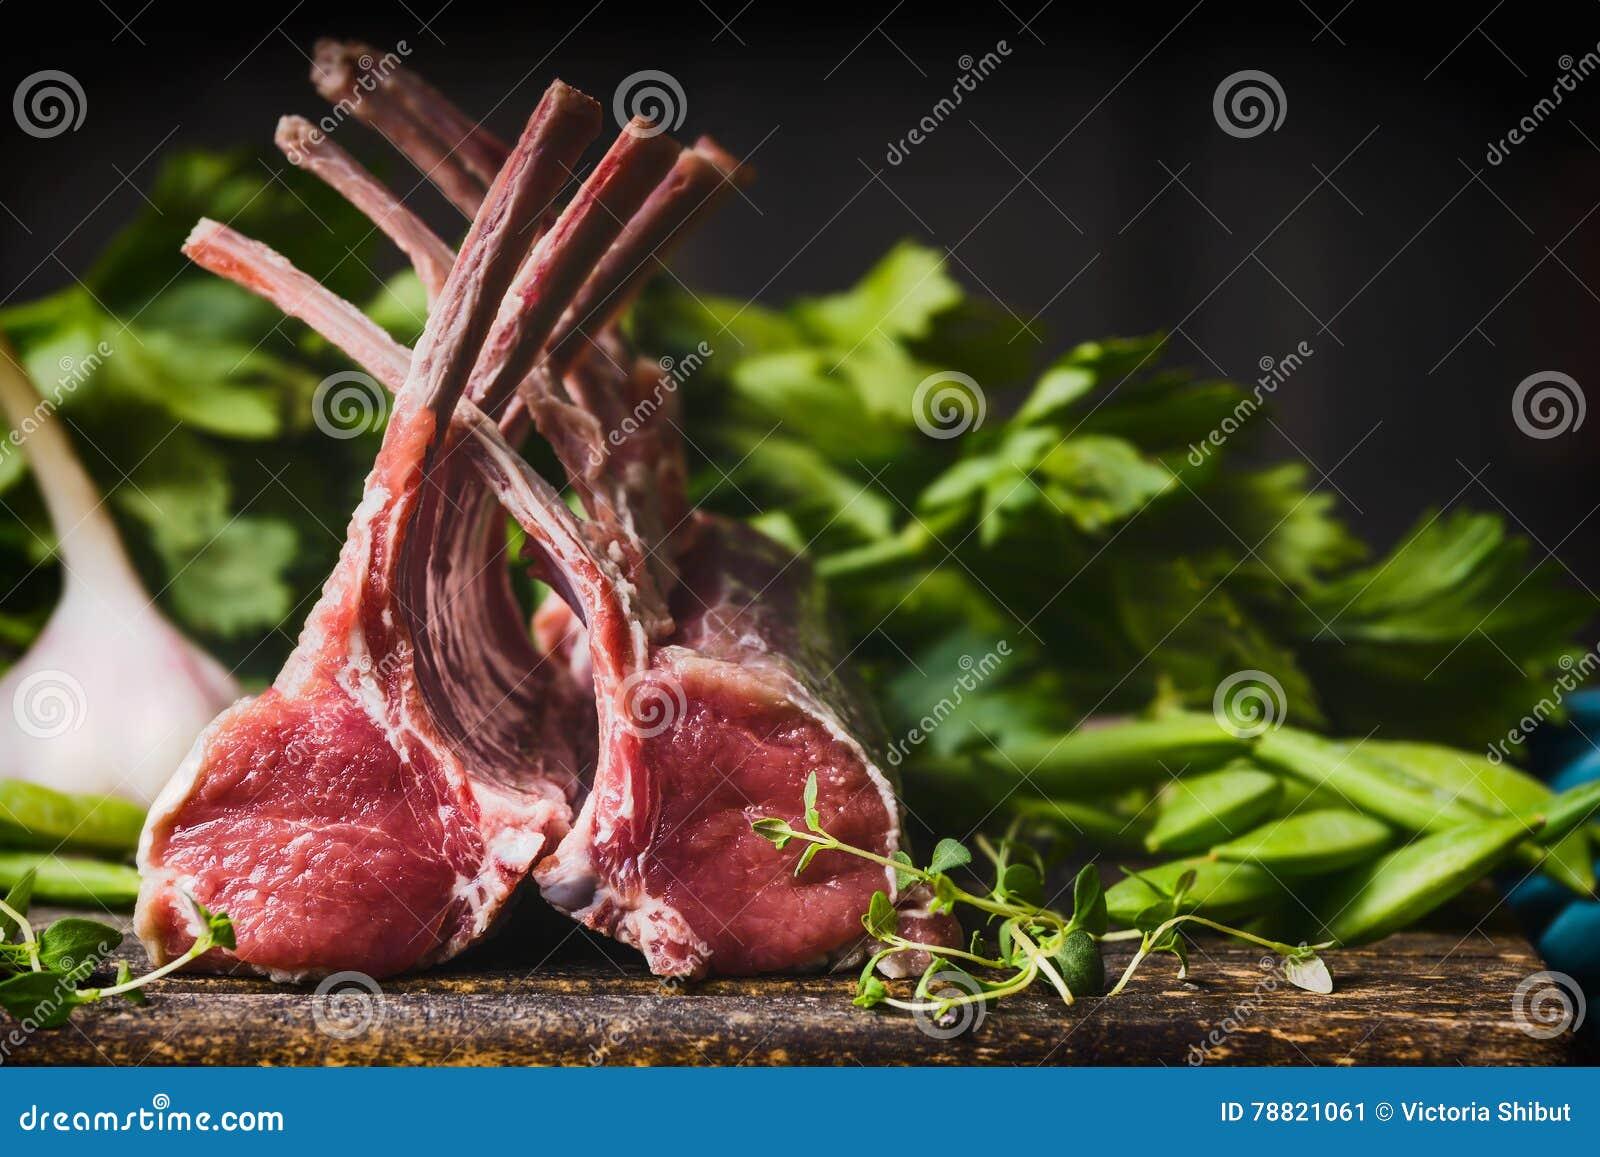 Rek van lam, ruw vlees met been op rustieke keukenlijst bij houten achtergrond